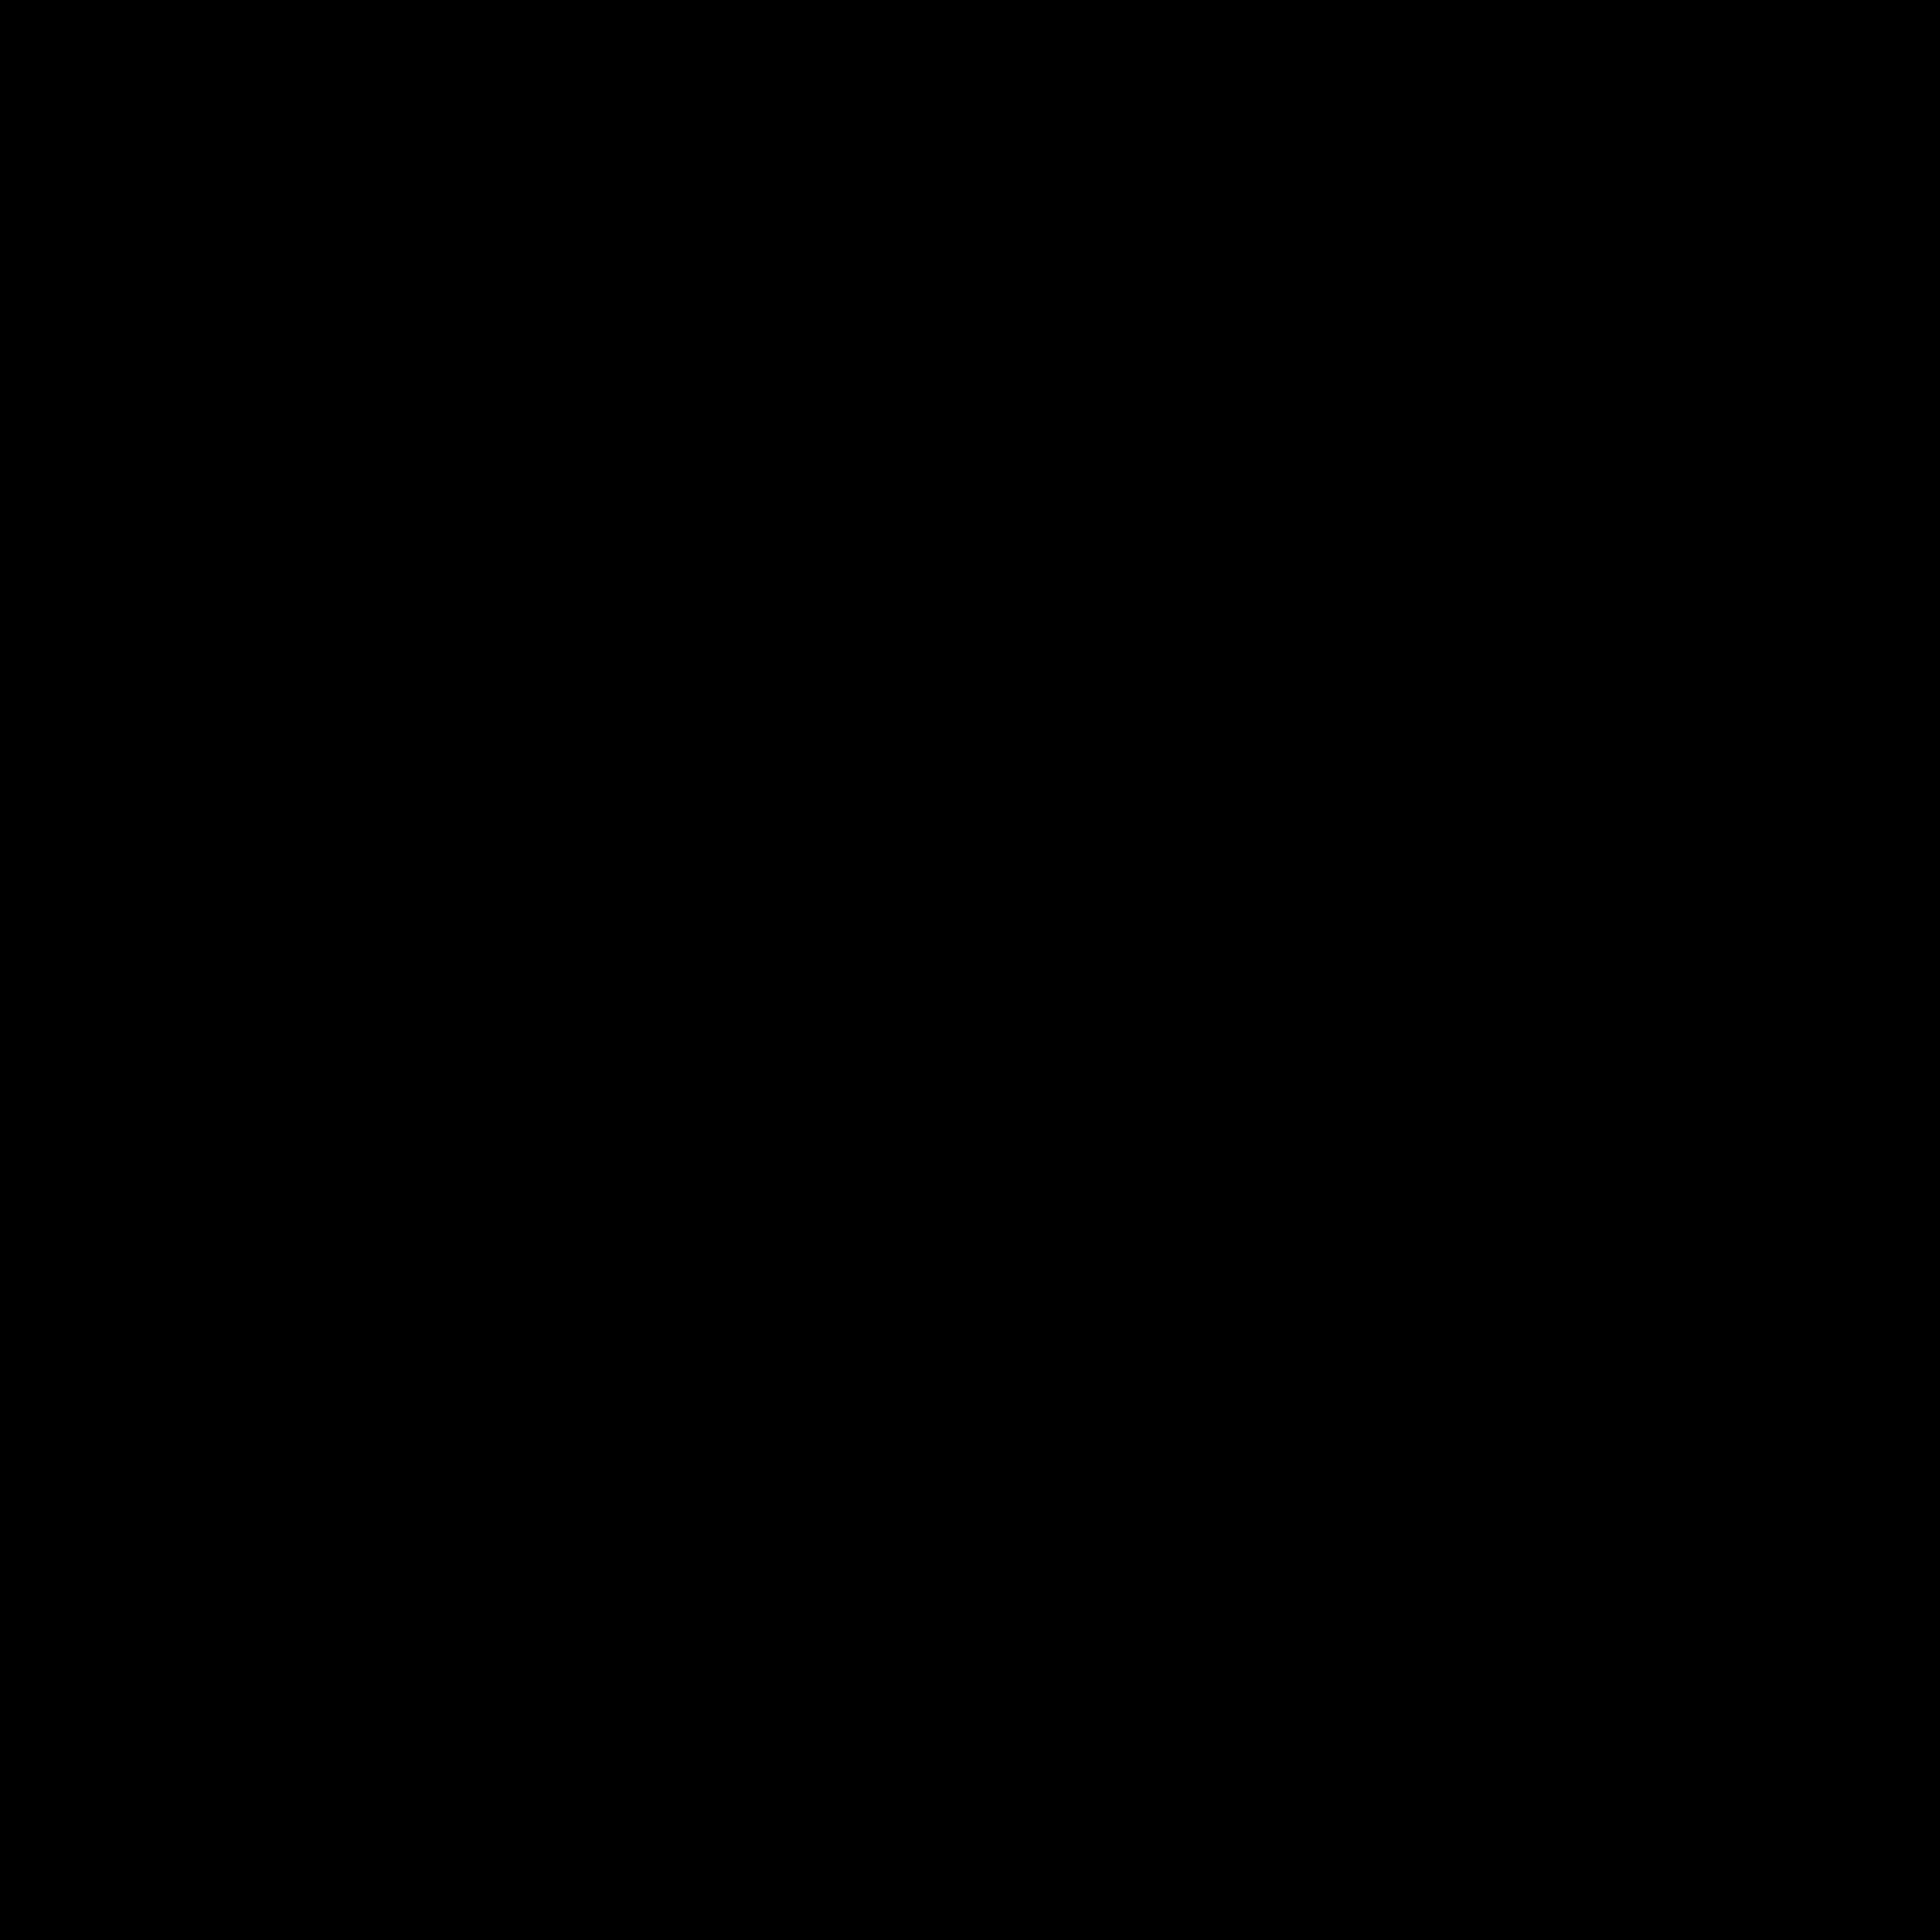 Logo clipart website . - Website Clipart